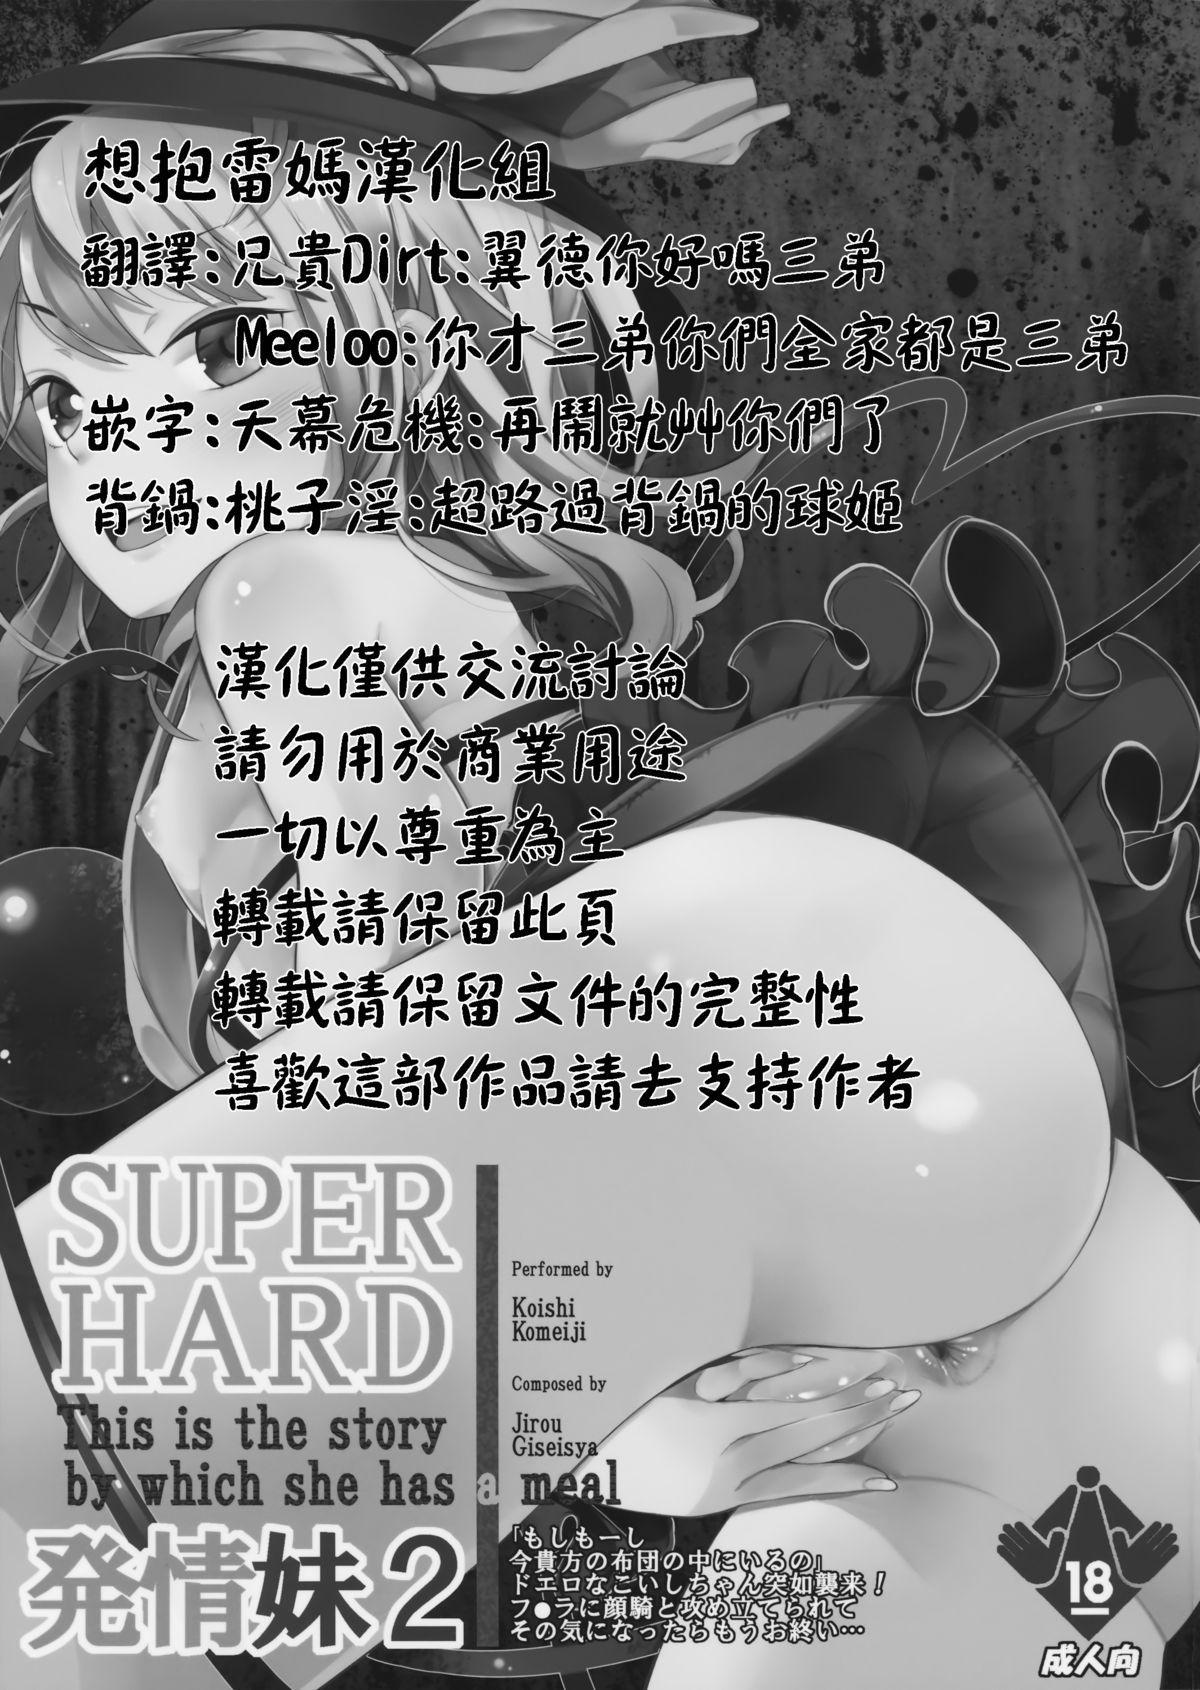 SUPER HARD Hatsujou Imouto 2 1